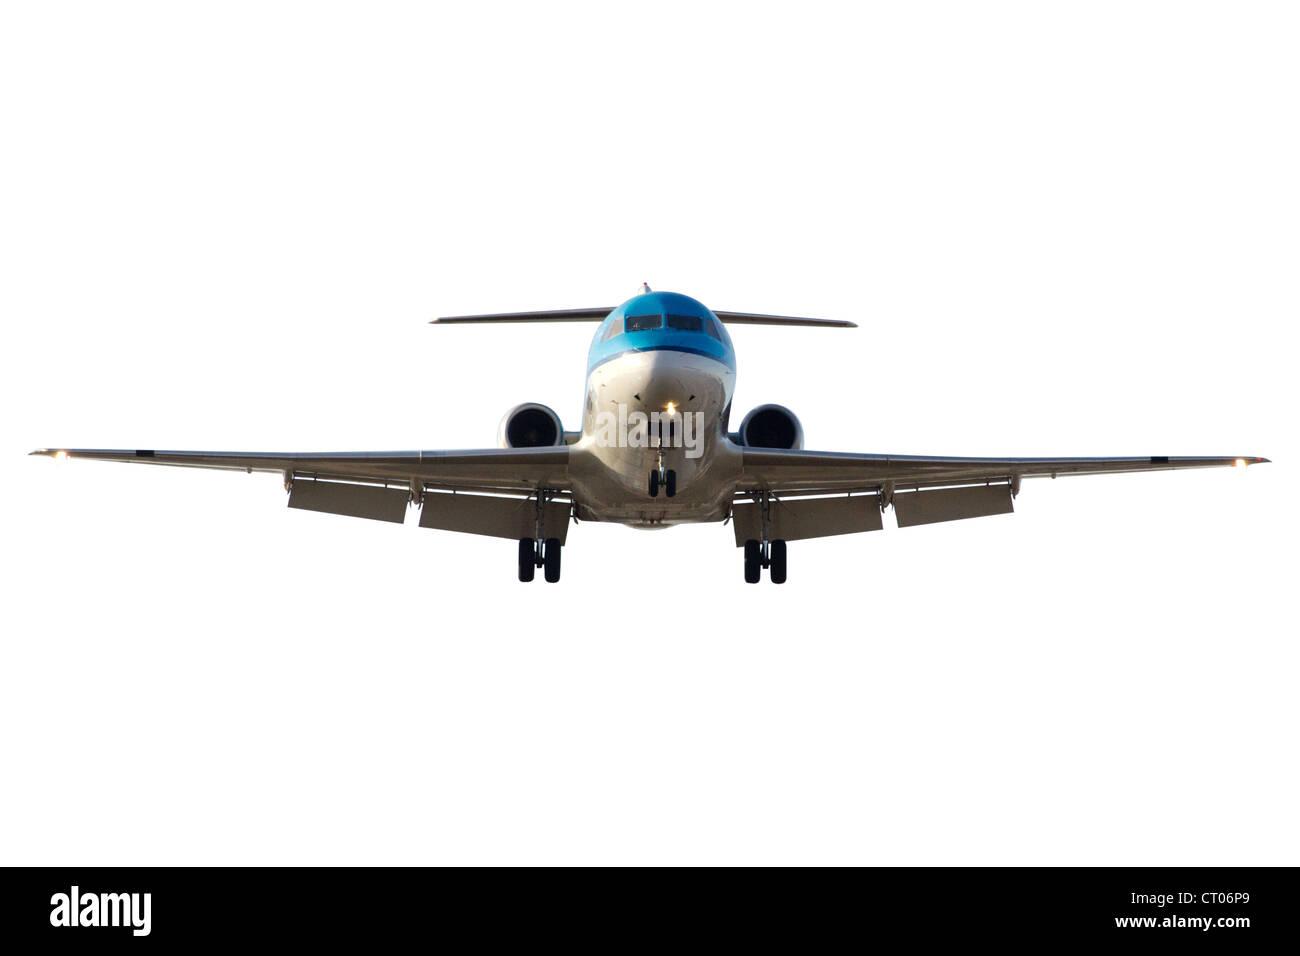 Vista frontale di un atterraggio aereo di linea. Isolato con tracciato di ritaglio Immagini Stock